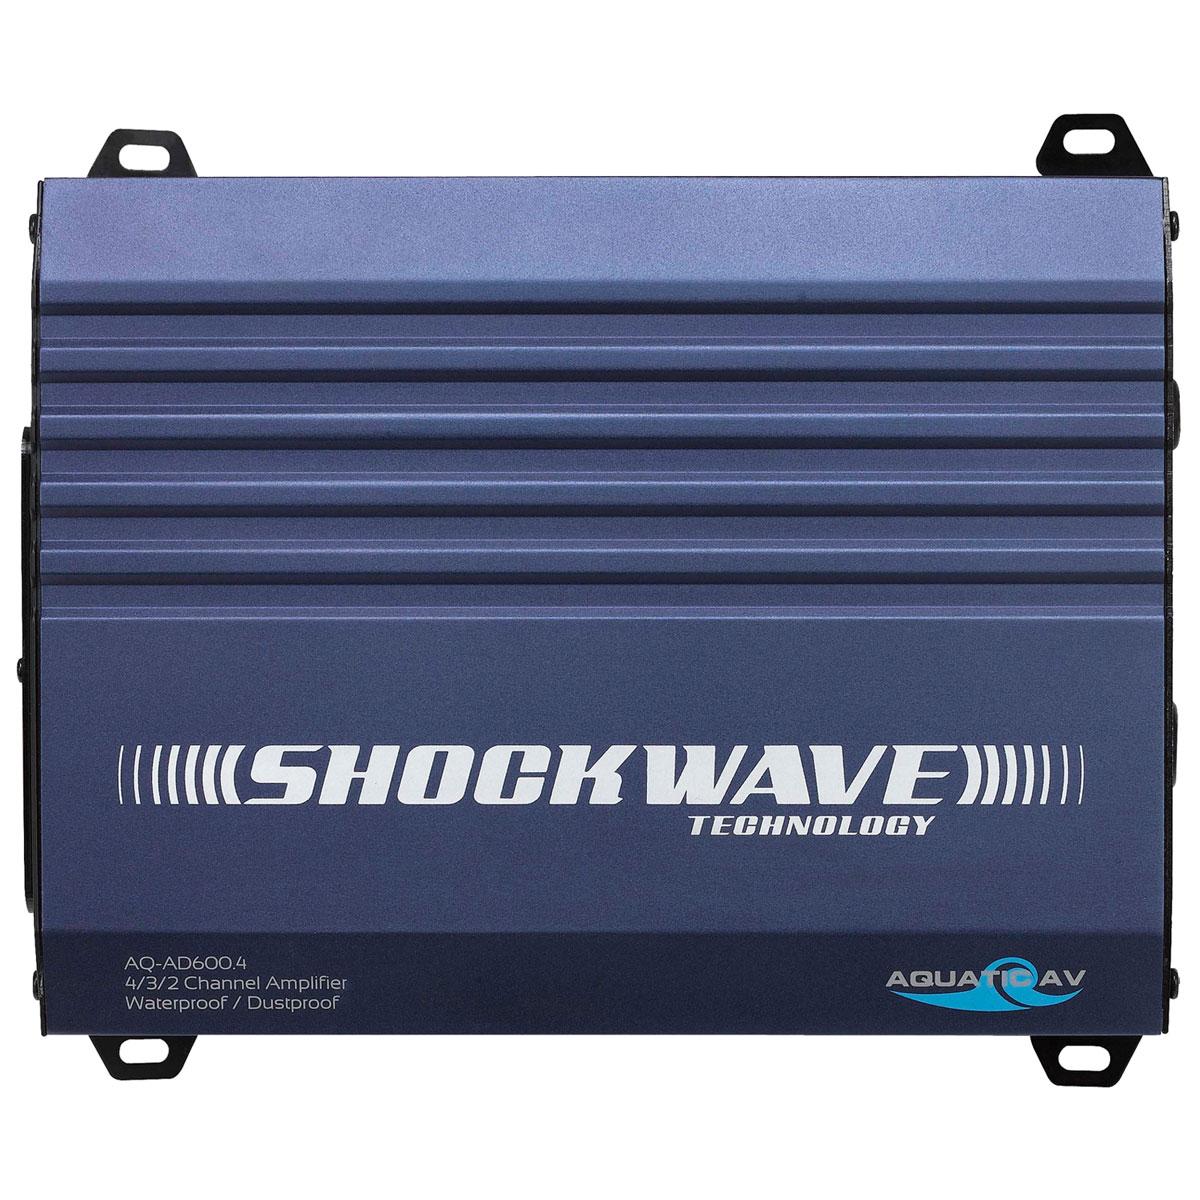 Aquatic AV Shockwave Waterproof 4/3/2 Channel Amplifier